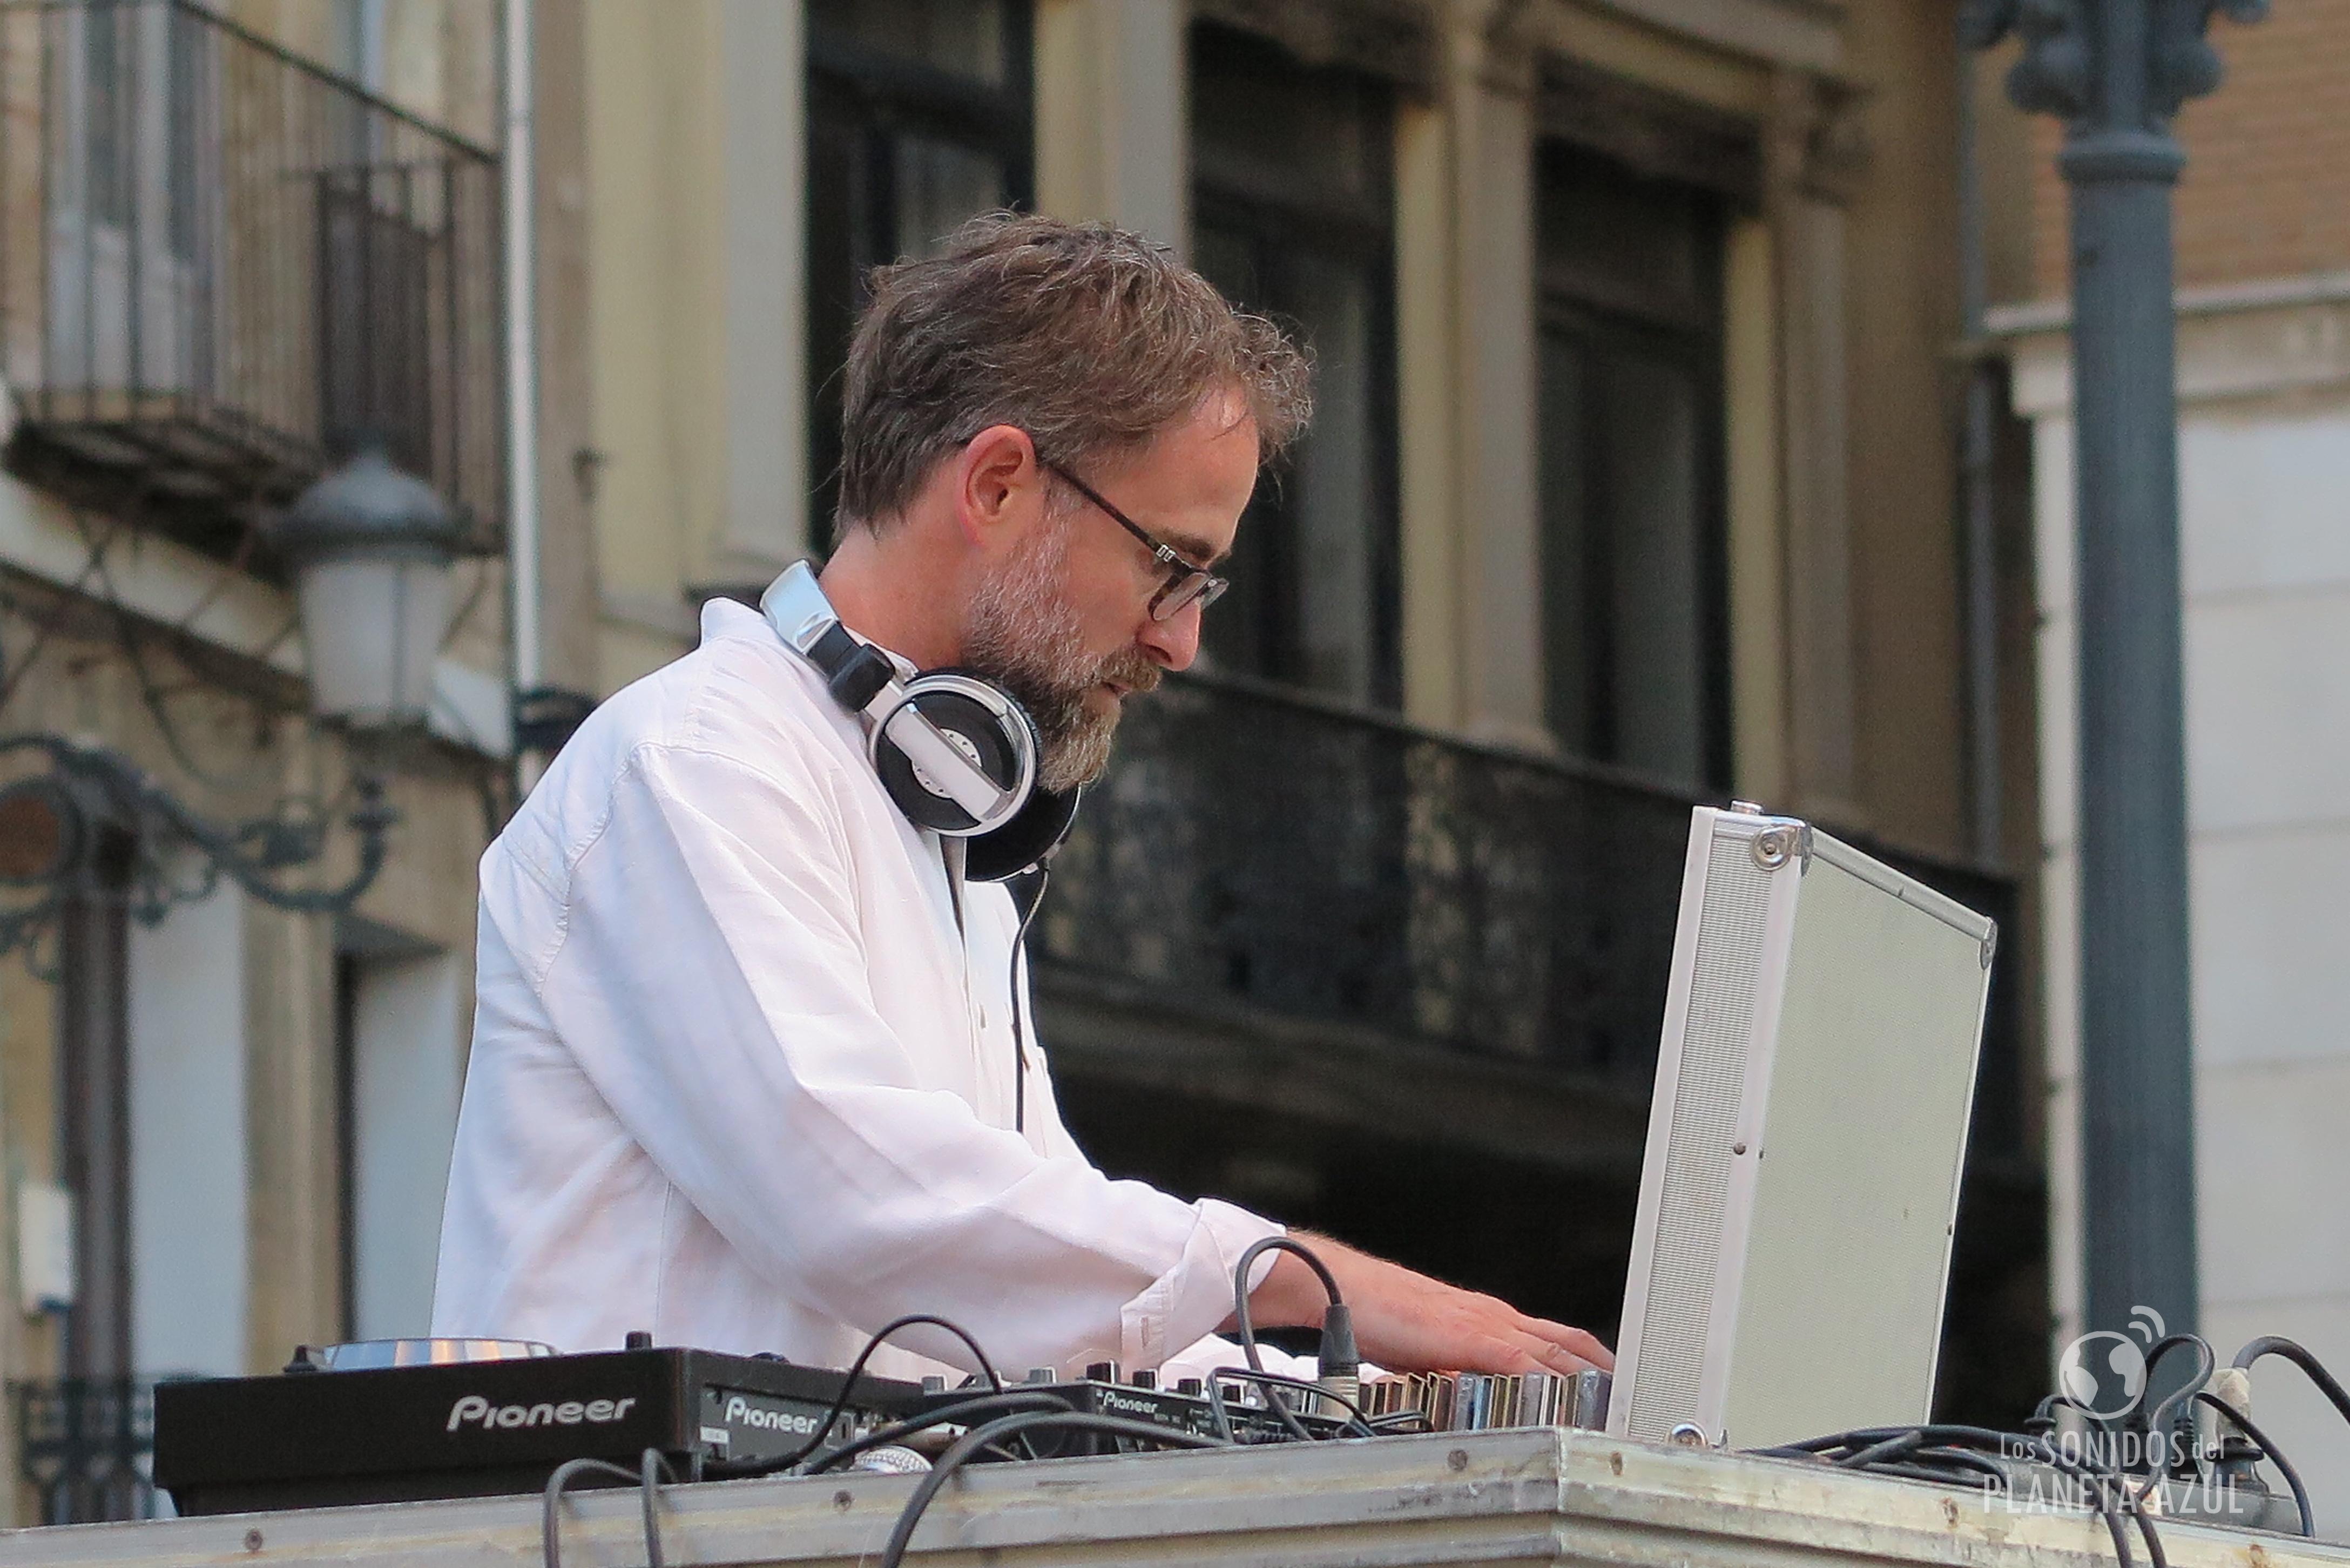 Paco Valiente DJ, sesiones con 'músicas del mundo'